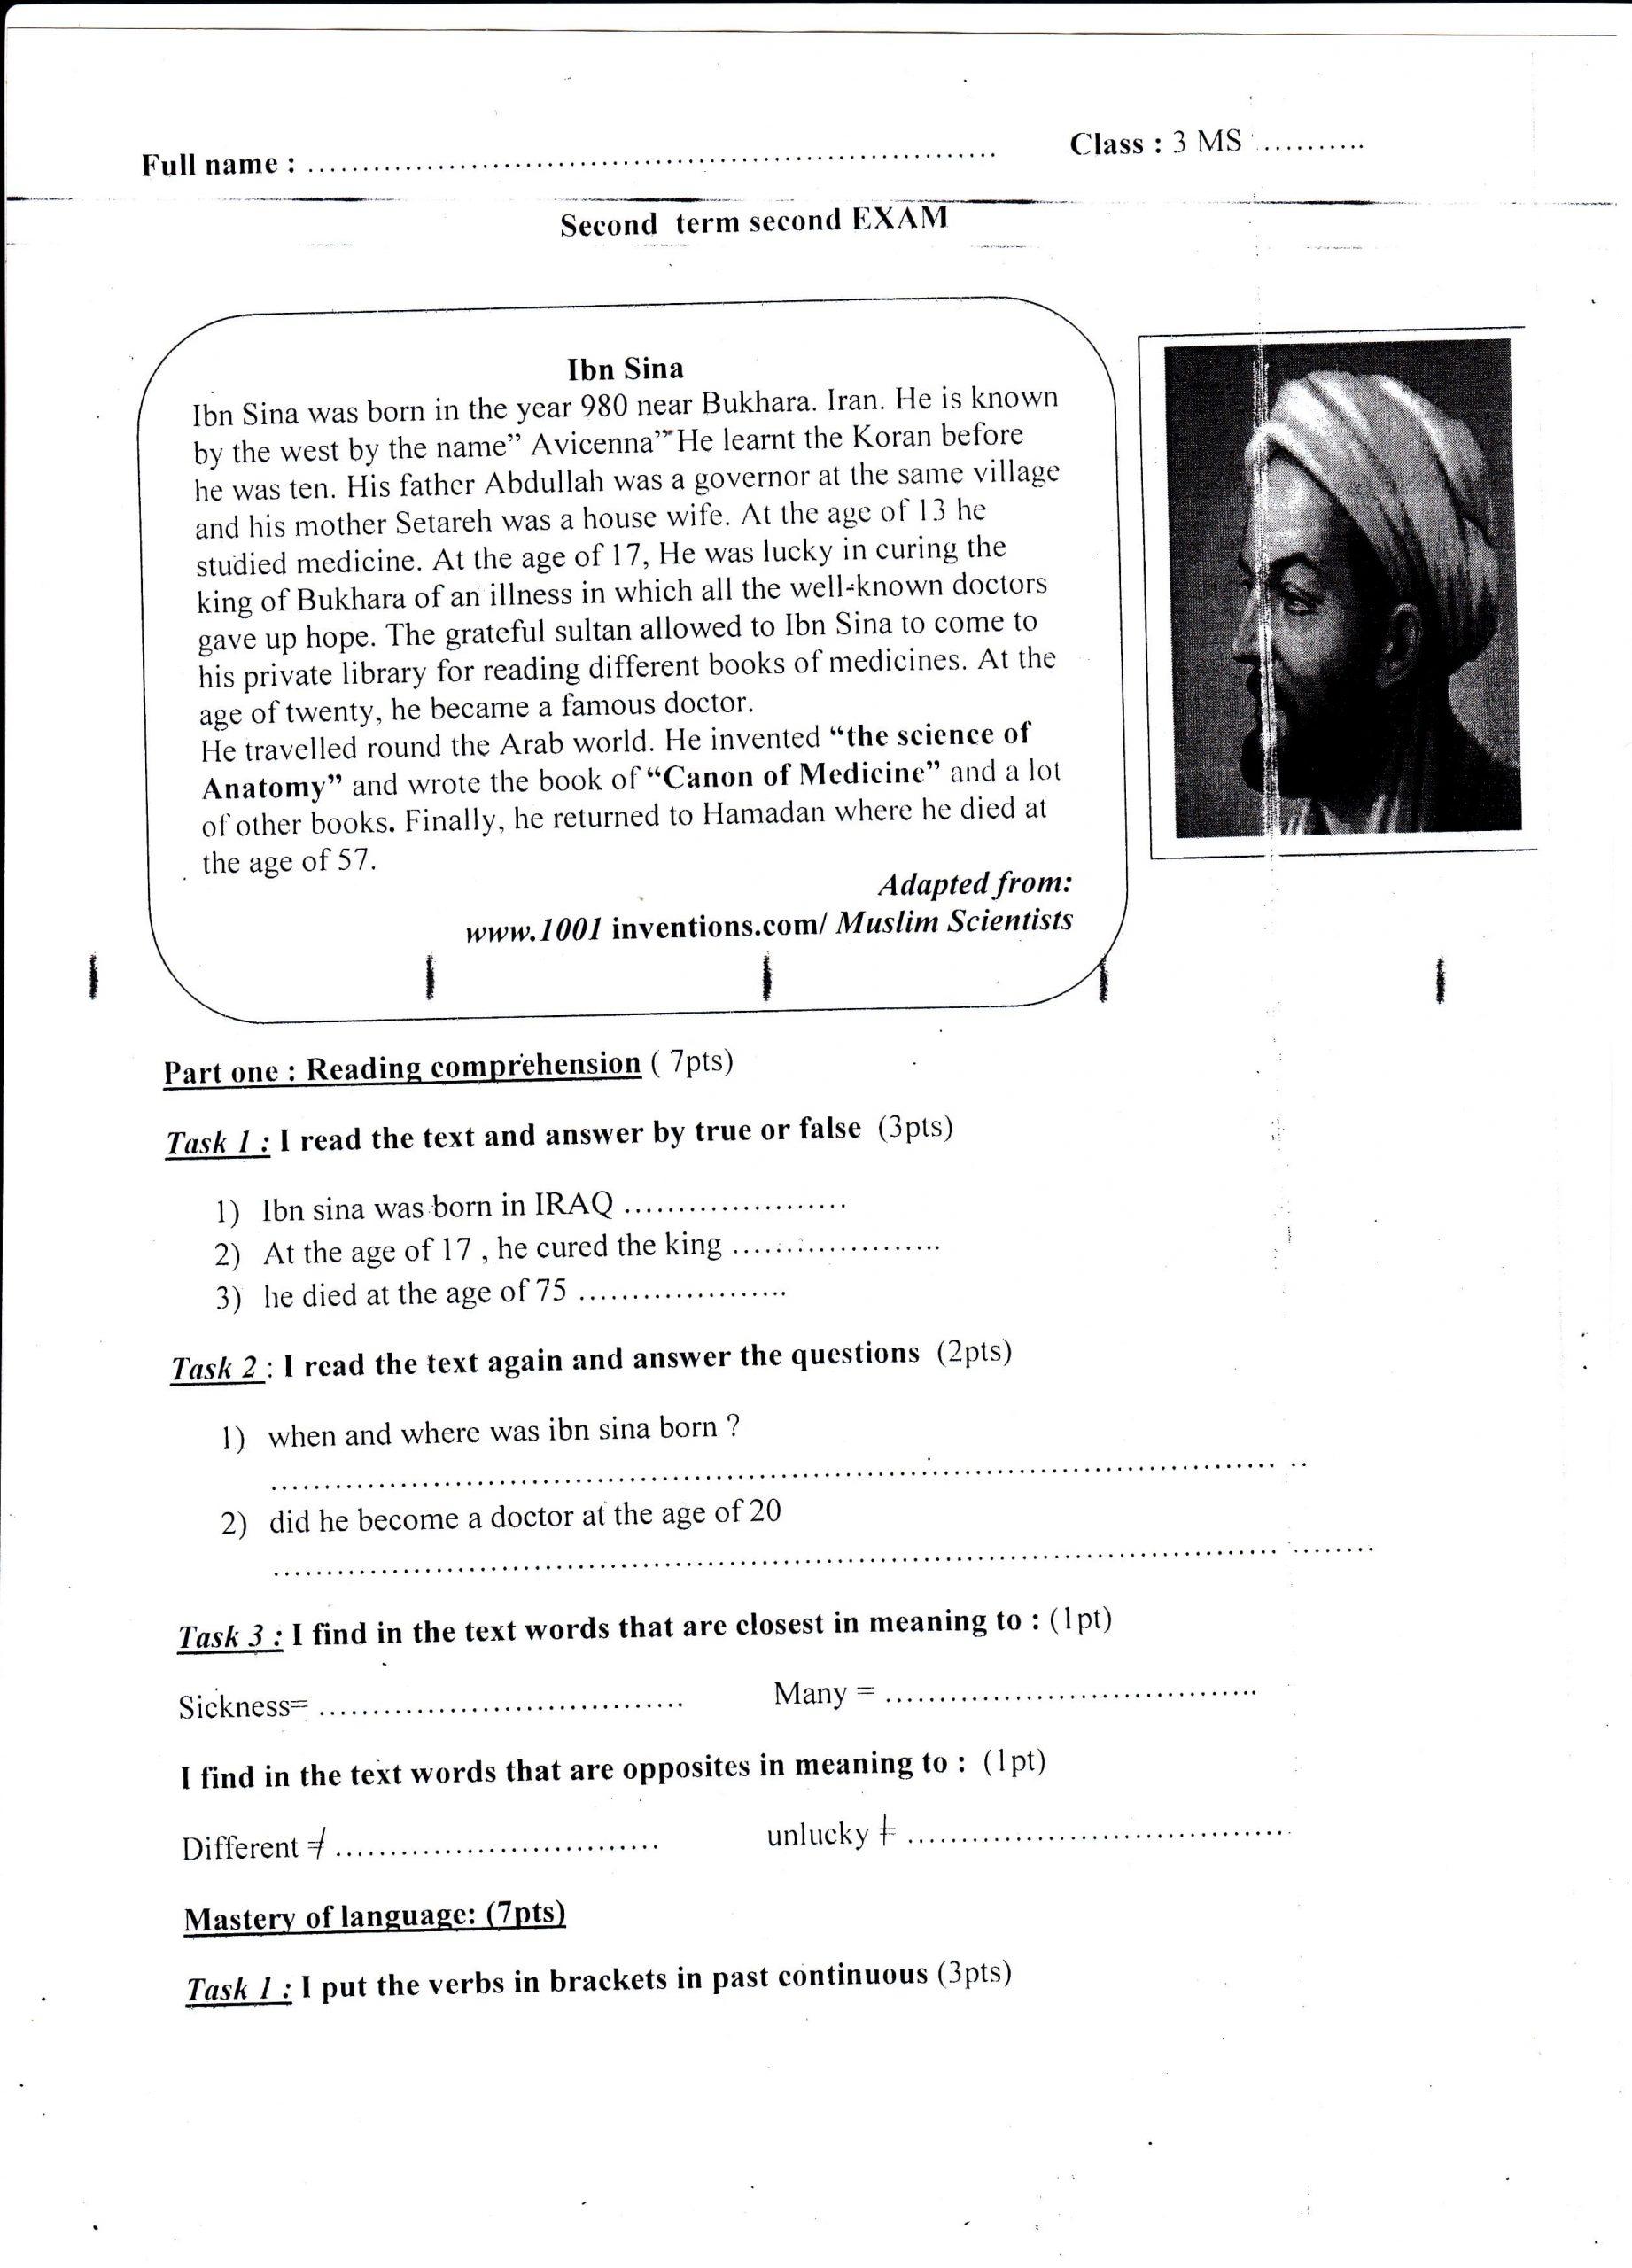 اختبار الفصل الثاني في اللغة الانجليزية السنة الثالثة متوسط   الموضوع 02